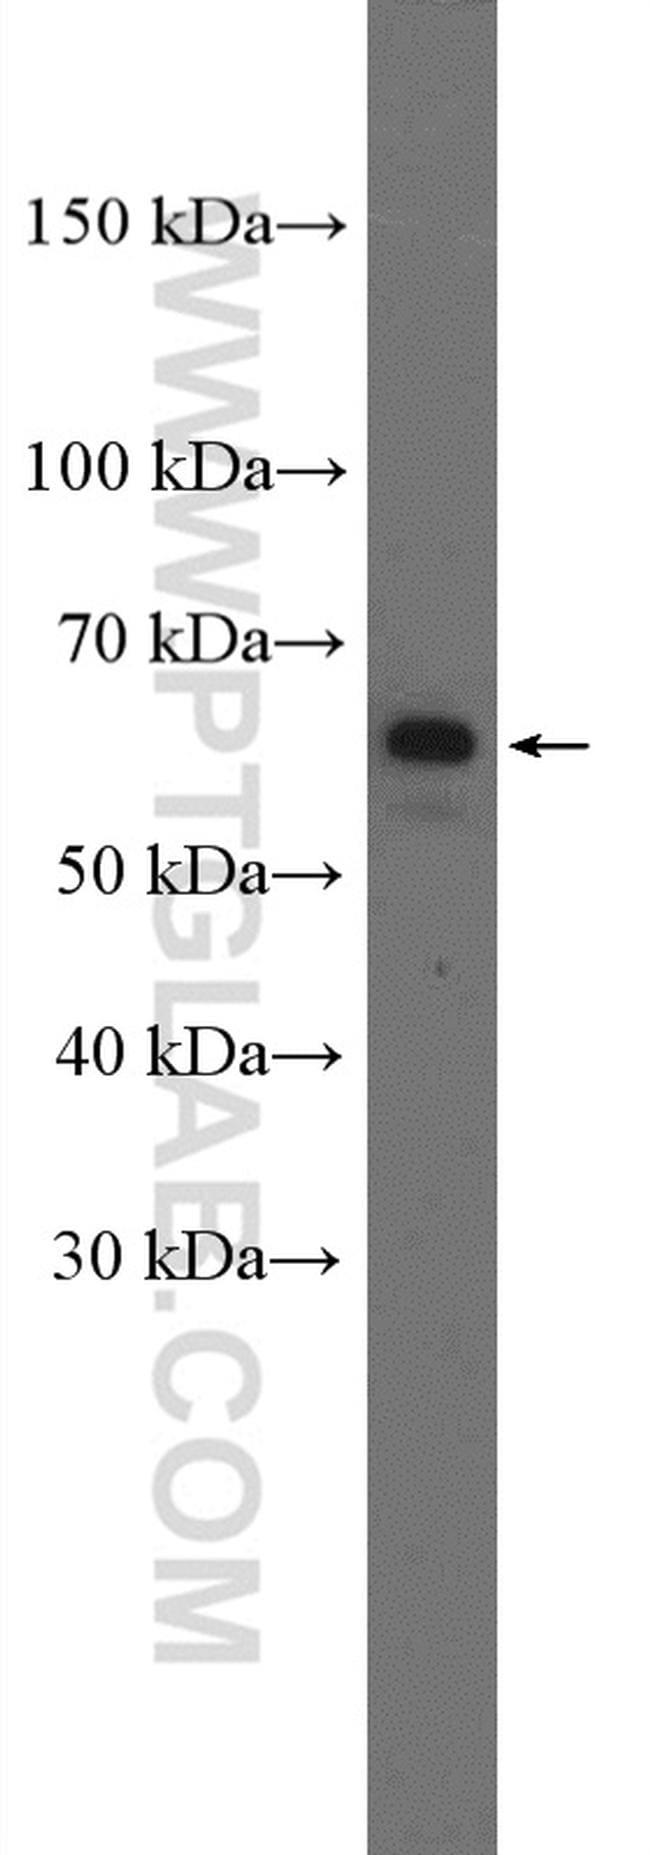 YTHDF3 Antibody in Western Blot (WB)